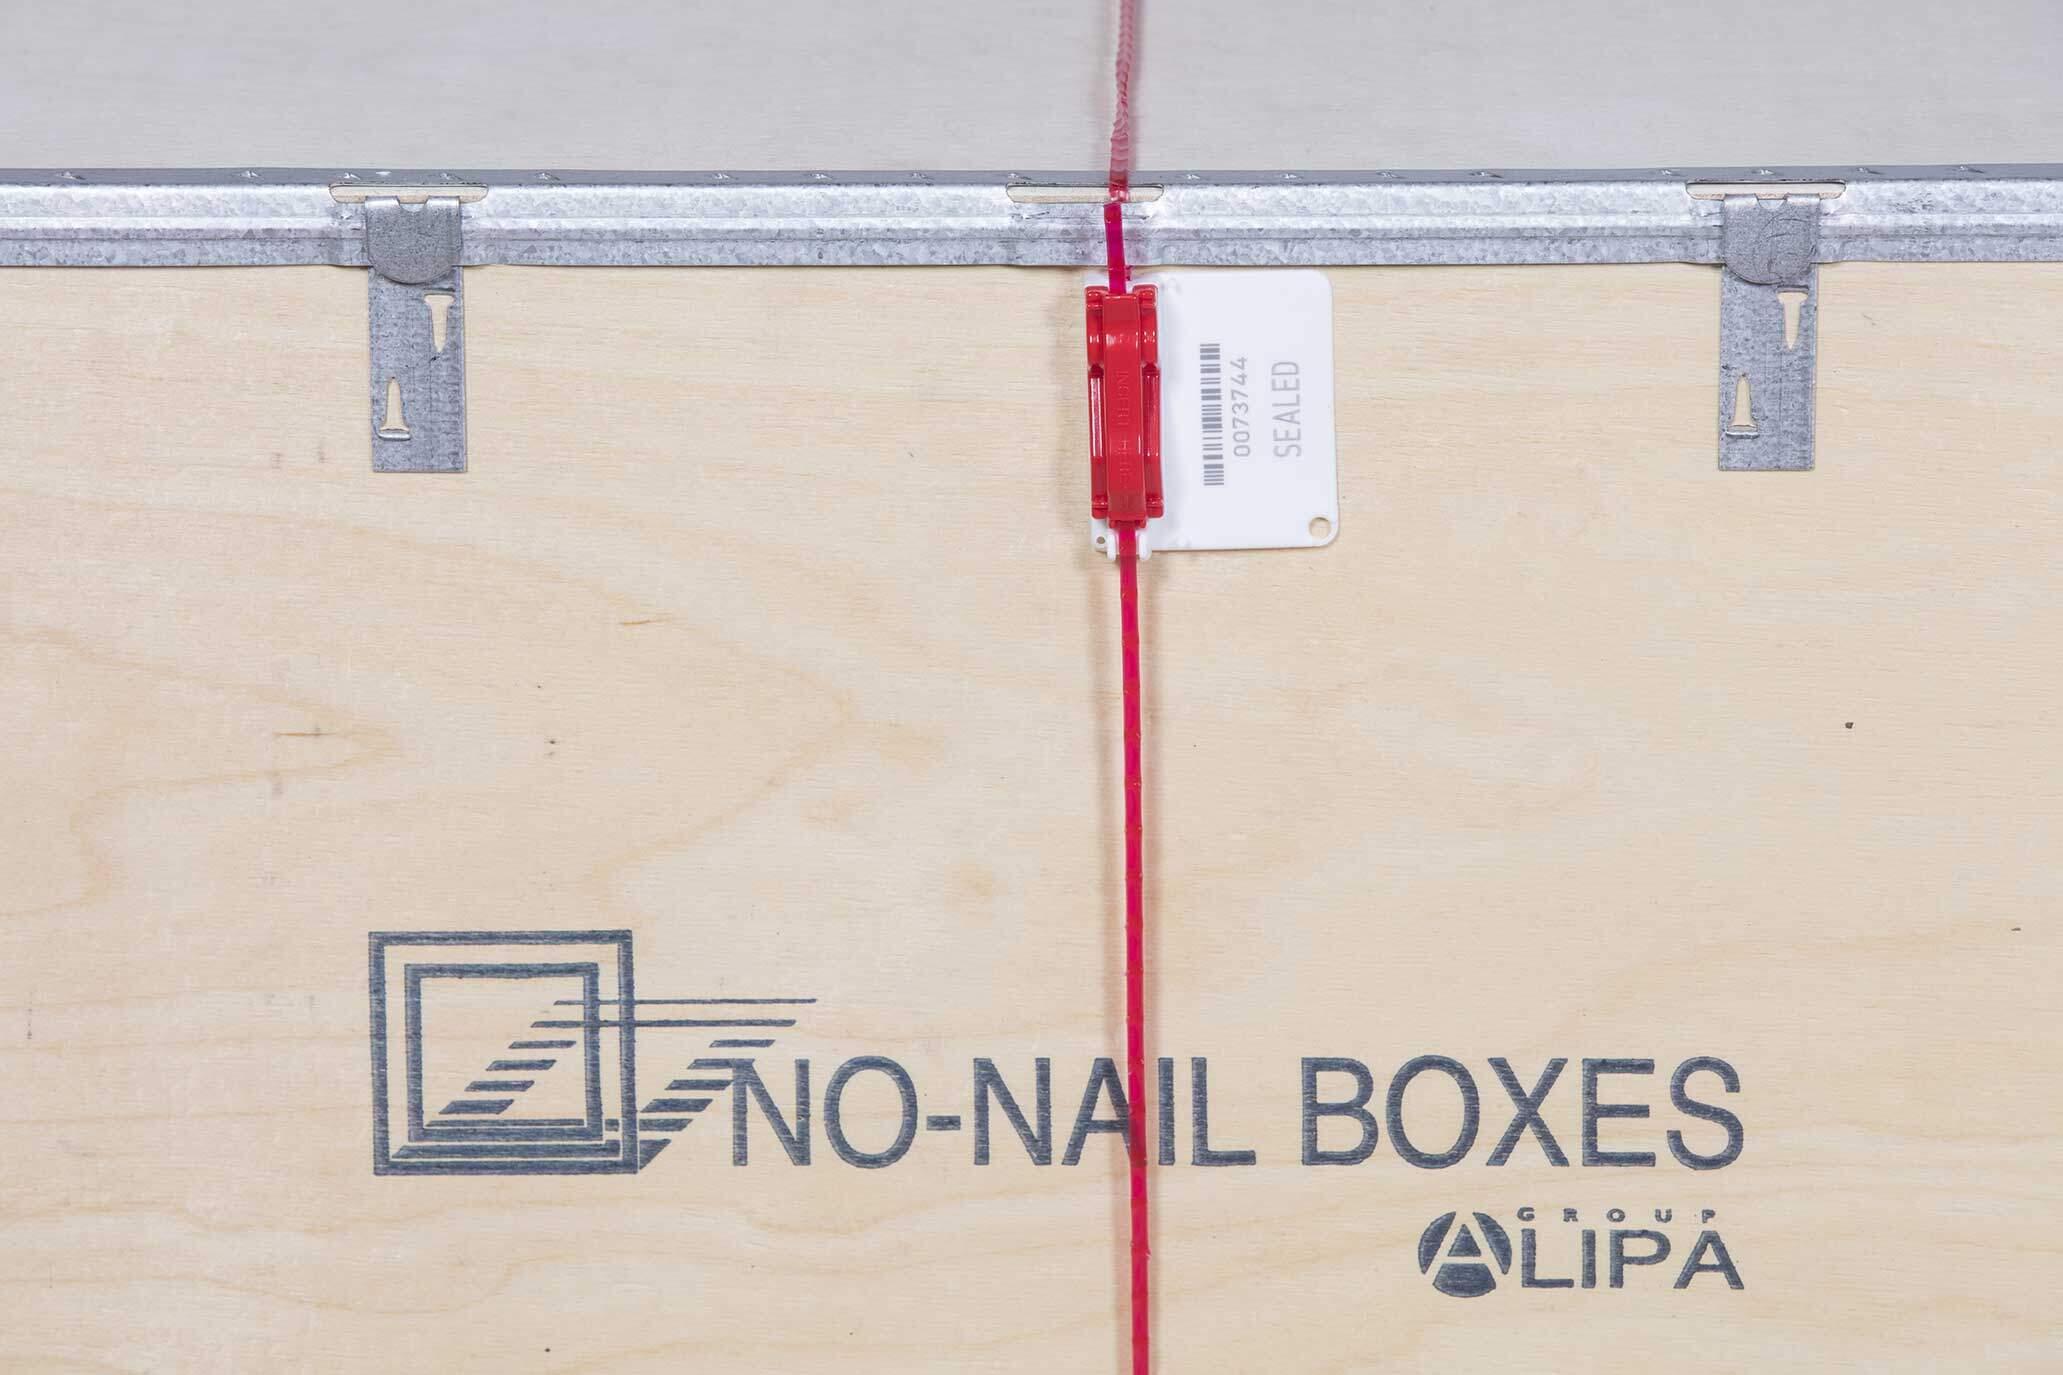 NO-NAIL BOXES: Verzegelen